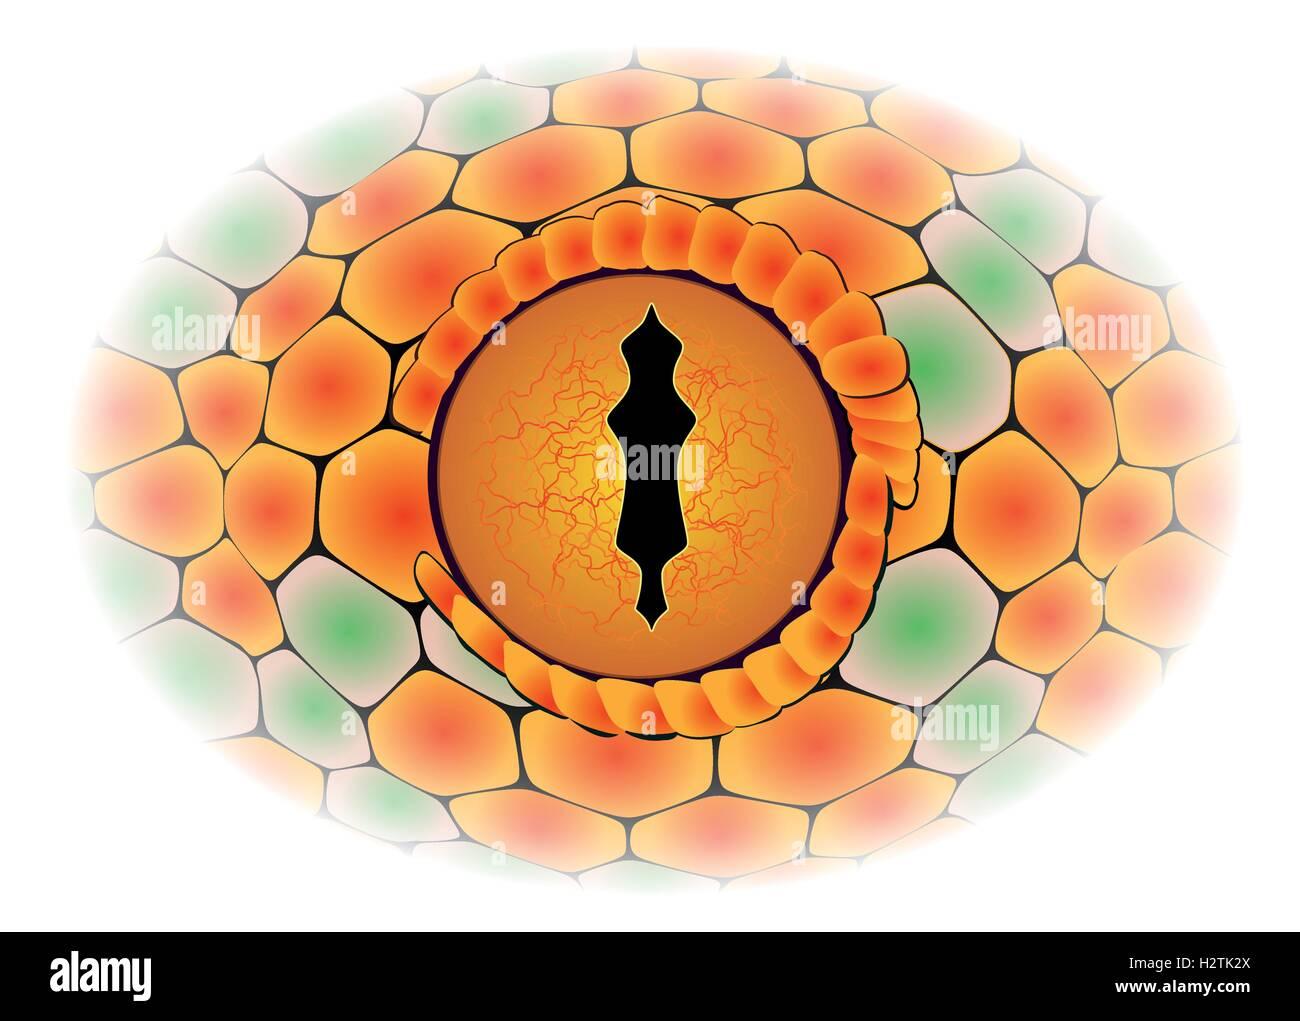 Vector illustration of the snake eye - detail - Stock Vector